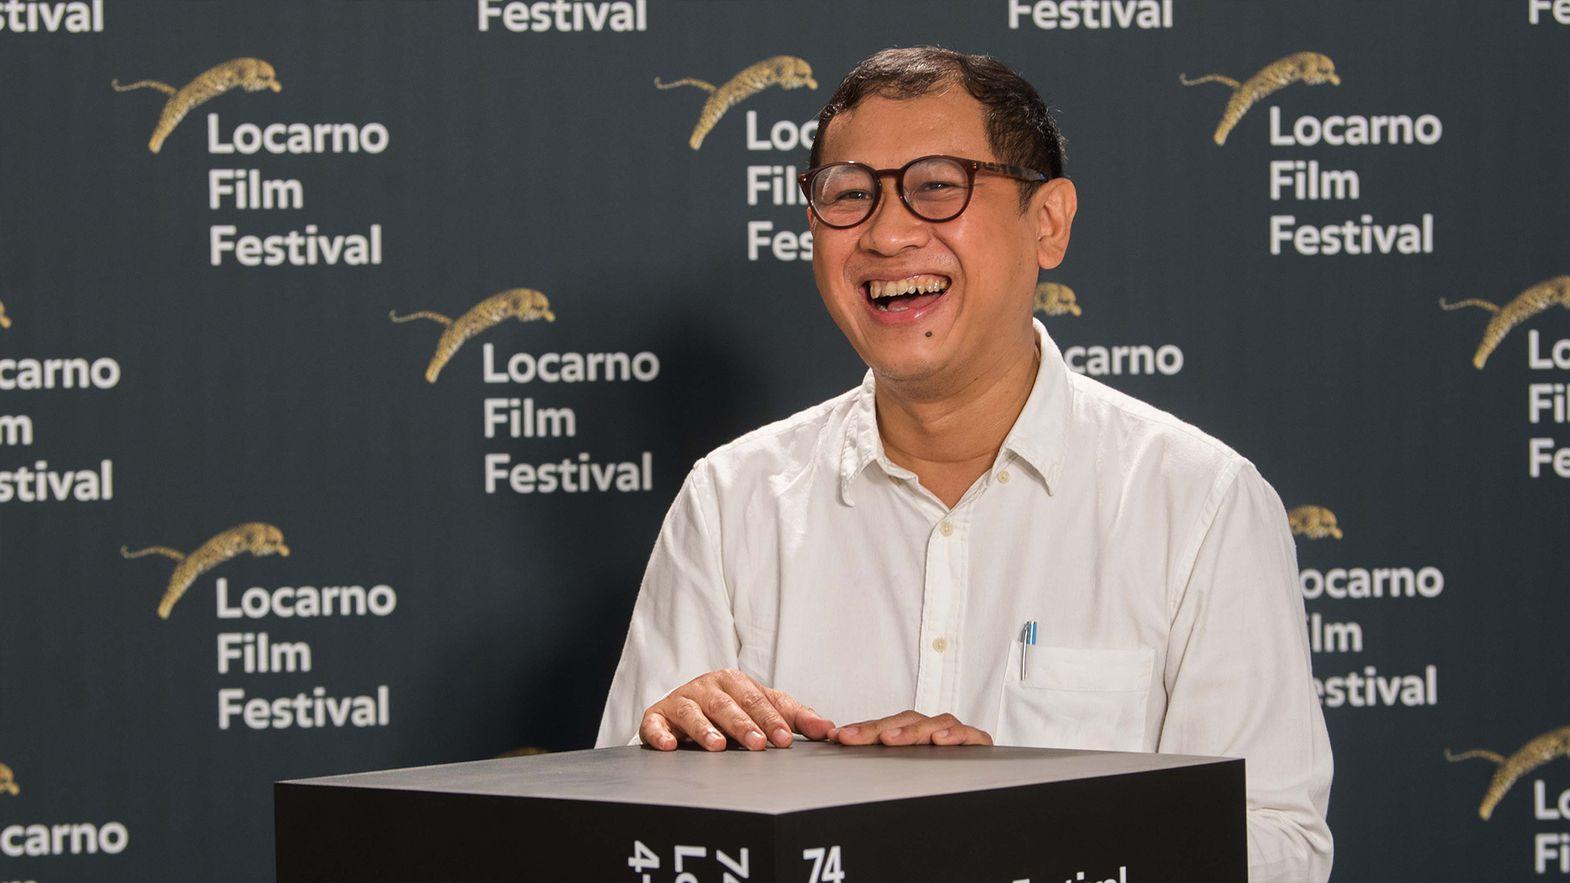 Объявлены лауреаты кинофестиваля в Локарно